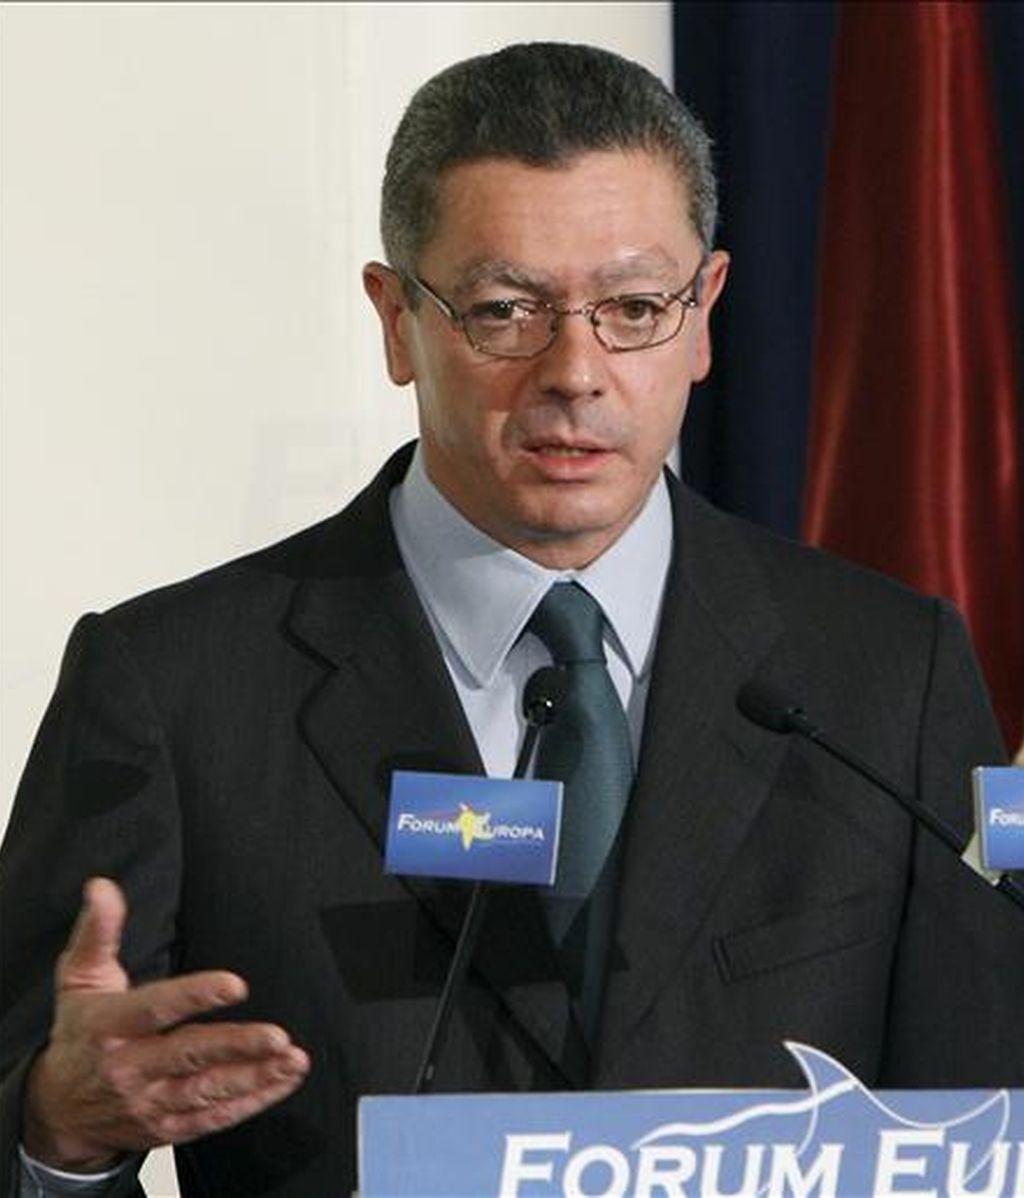 El Ayuntamiento de Madrid estuvo dirigido por alcaldes y Corporaciones designados por Franco desde el inicio de la Dictadura hasta 1979. Video: Informativos Telecinco.